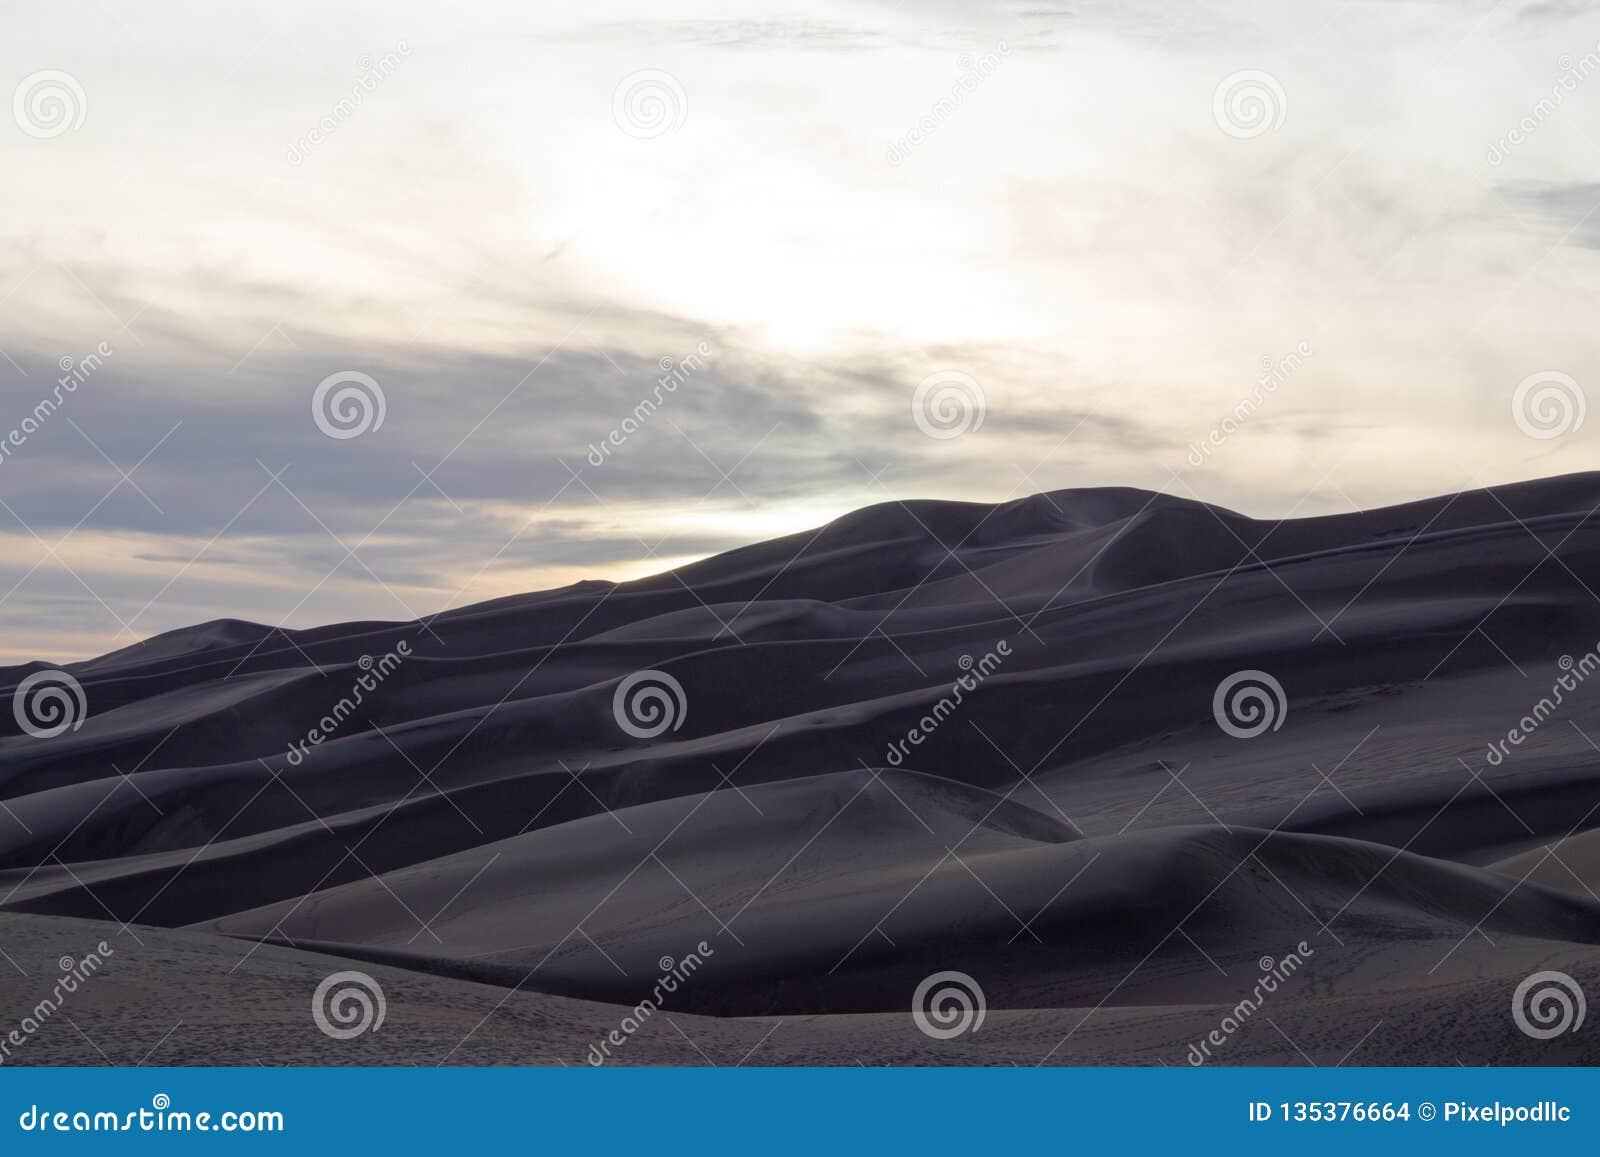 Colori magnifici di grandi parco nazionale delle dune di sabbia e prerogativa, San Luis Valley, Colorado, Stati Uniti